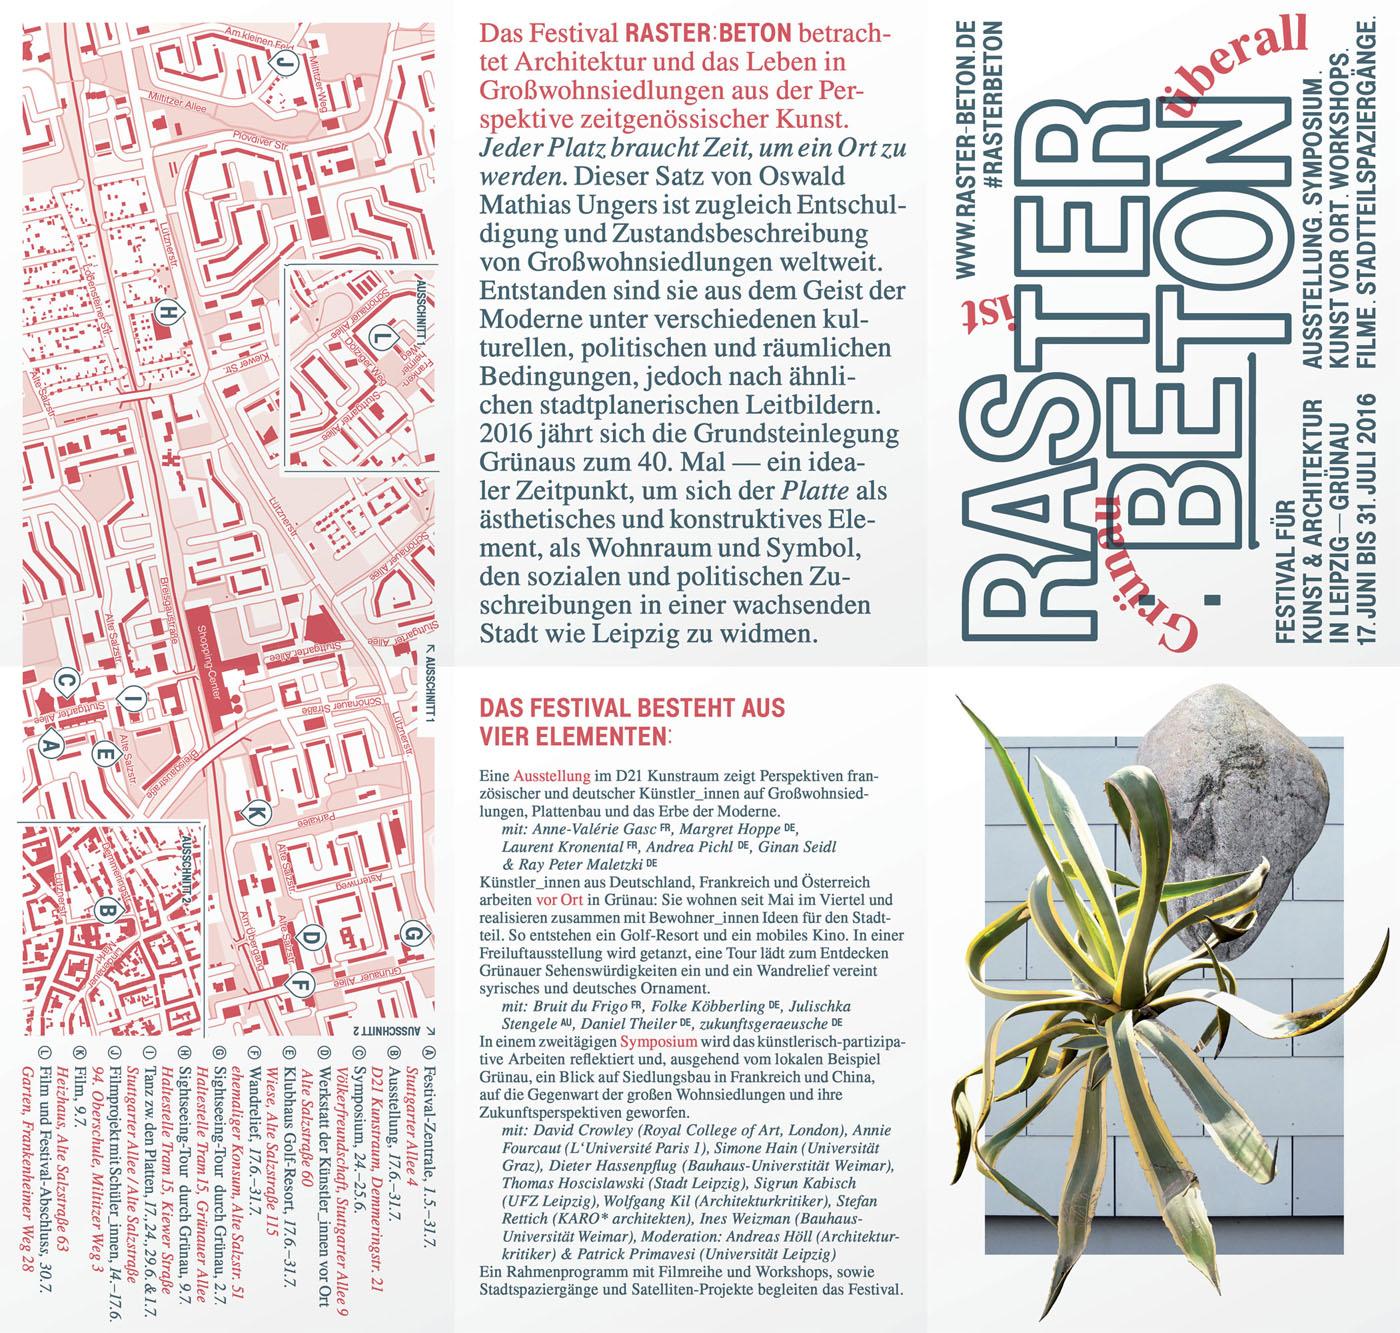 RASTER : BETON | Sächsischer Staatspreis für Design 2016